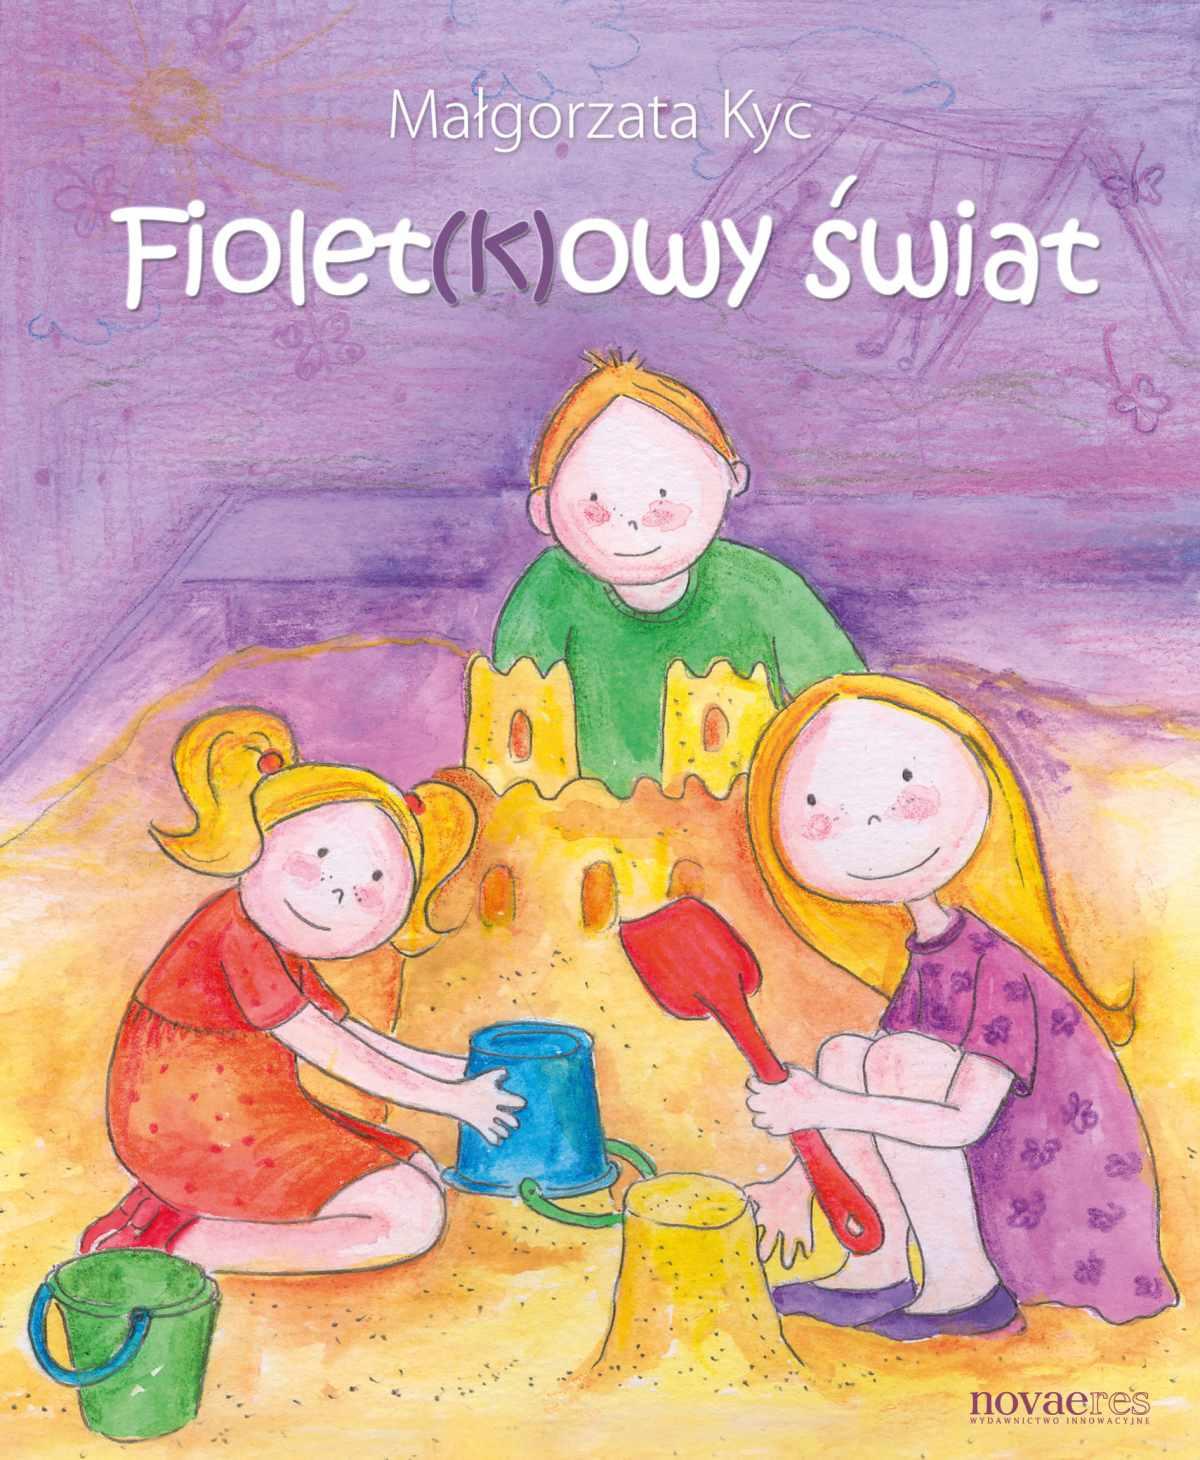 Fiolet(k)owy świat - Ebook (Książka na Kindle) do pobrania w formacie MOBI